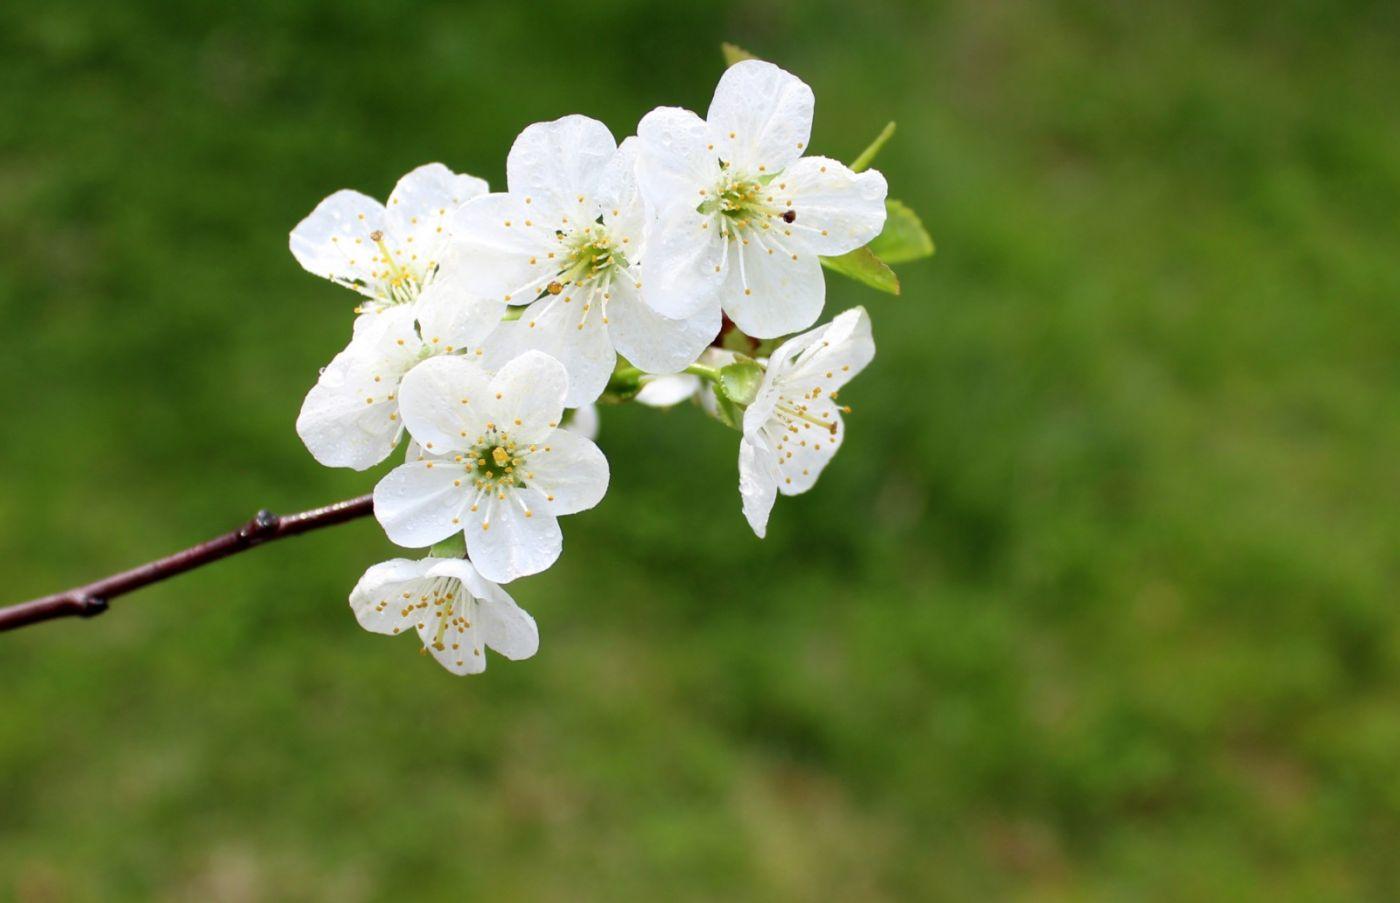 欧洲樱桃花开_图1-13